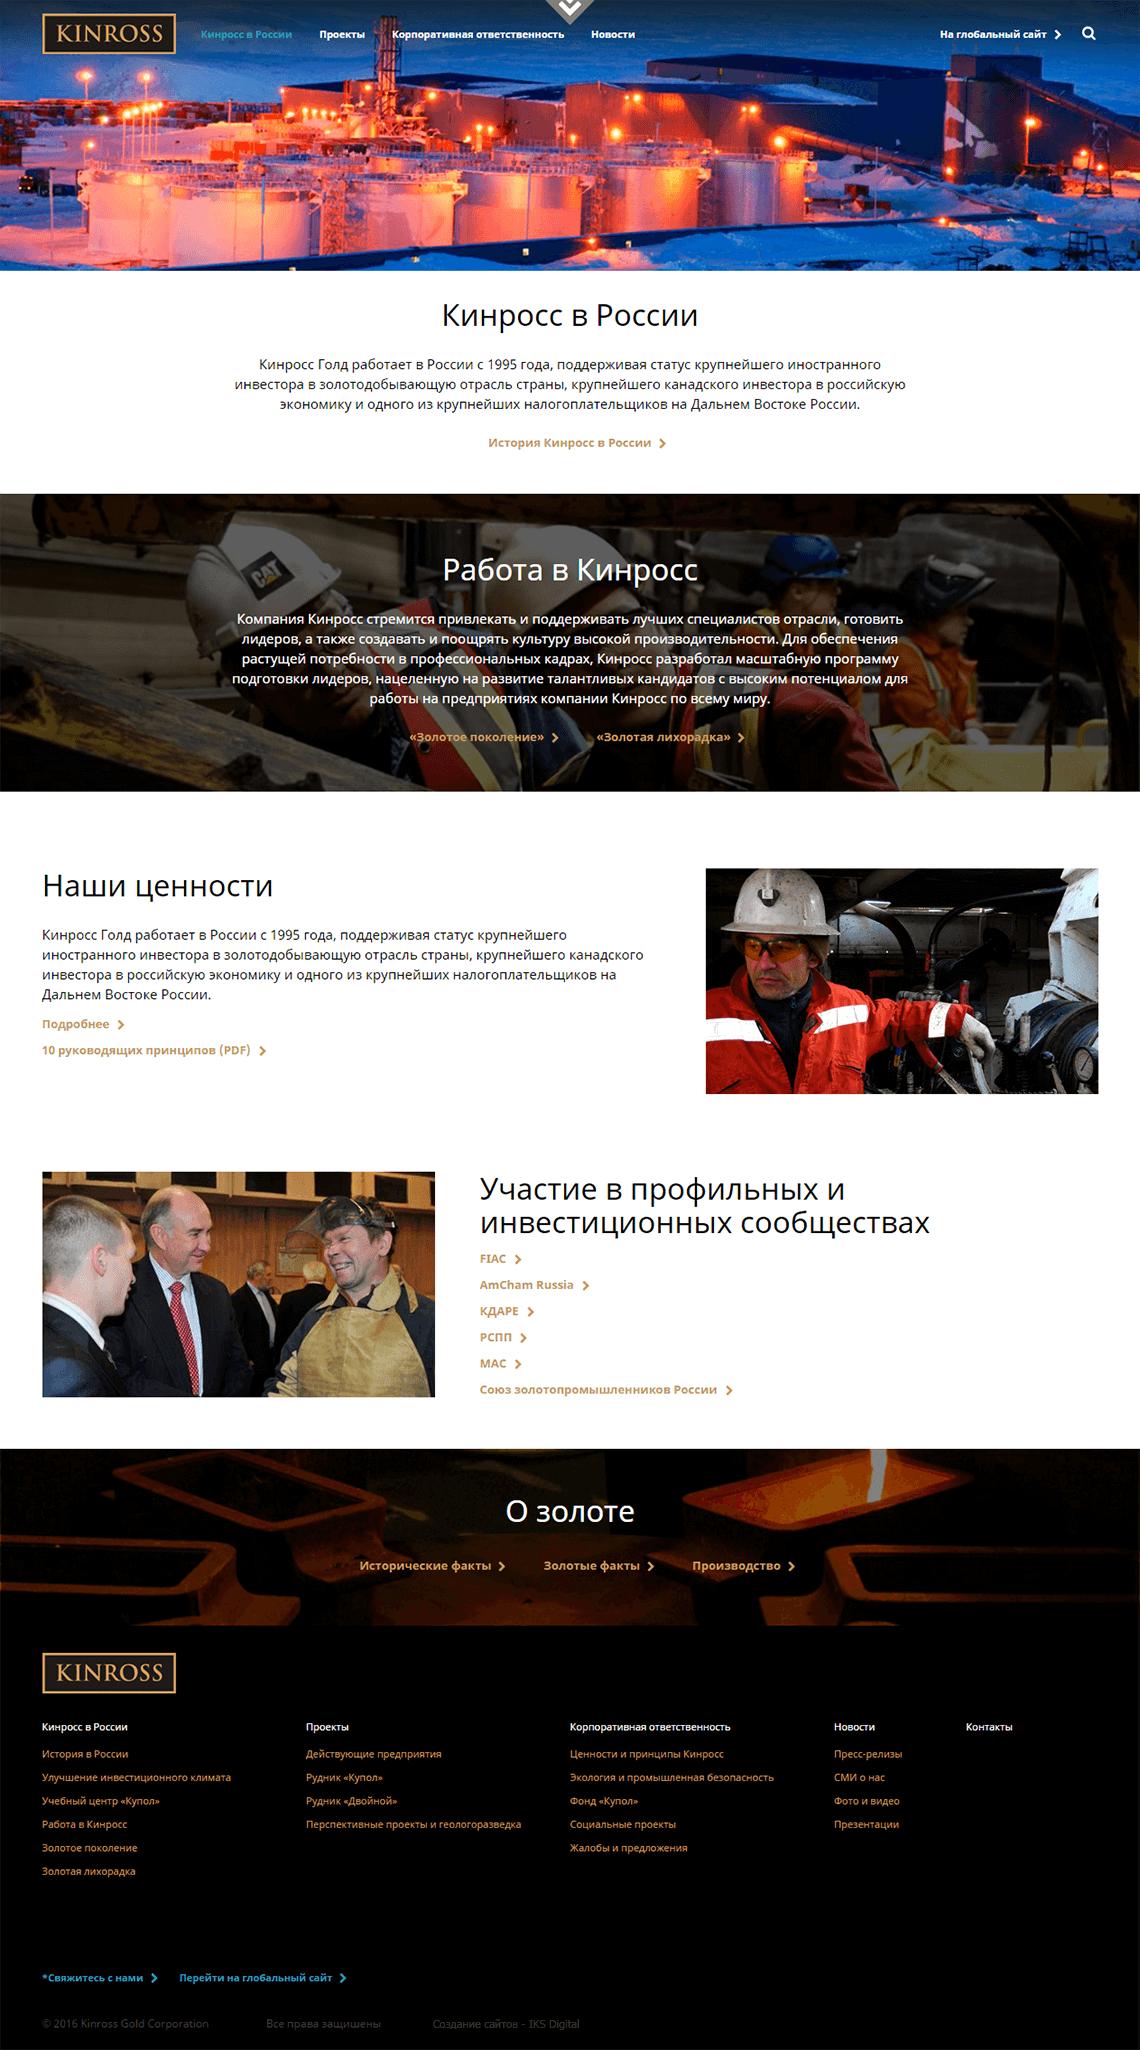 Разработка корпоративного сайта для канадской золотодобывающей компании Кинросс